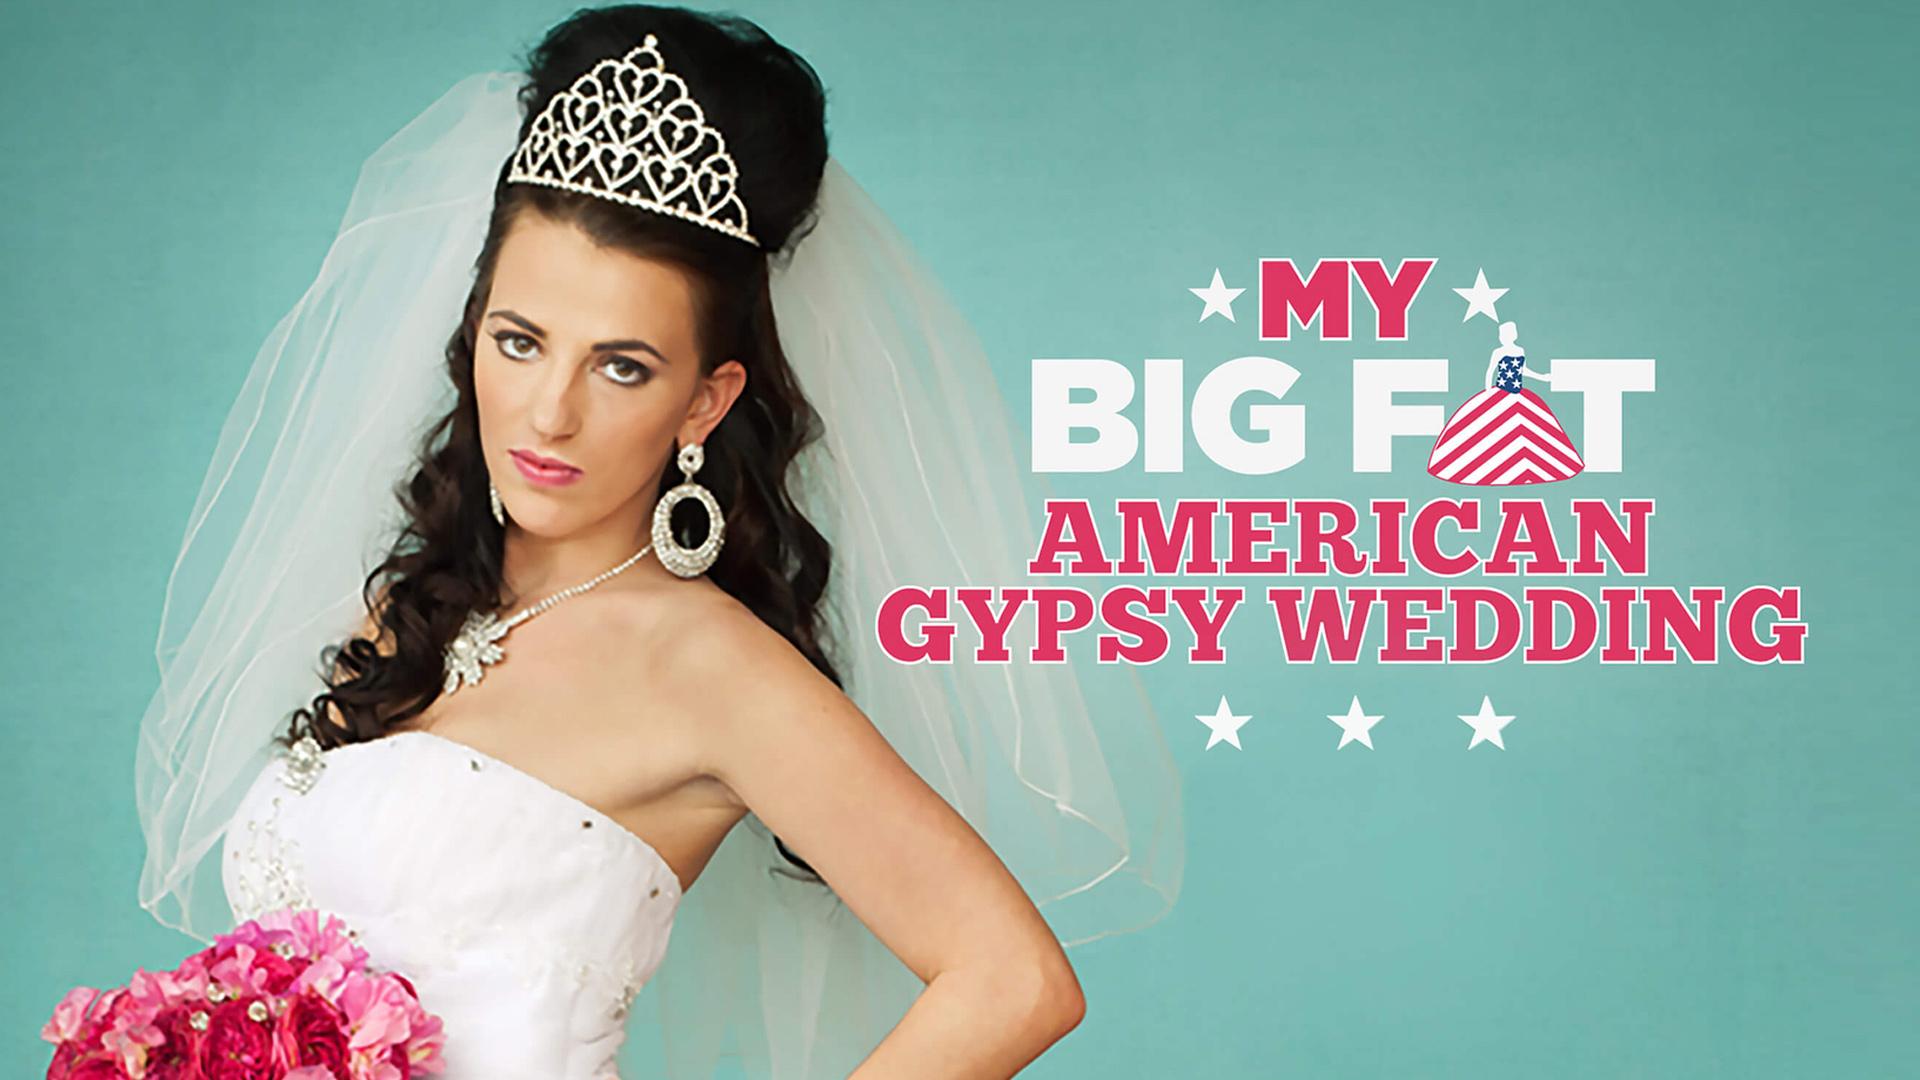 My Big Fat American Gypsy Wedding - Season 1